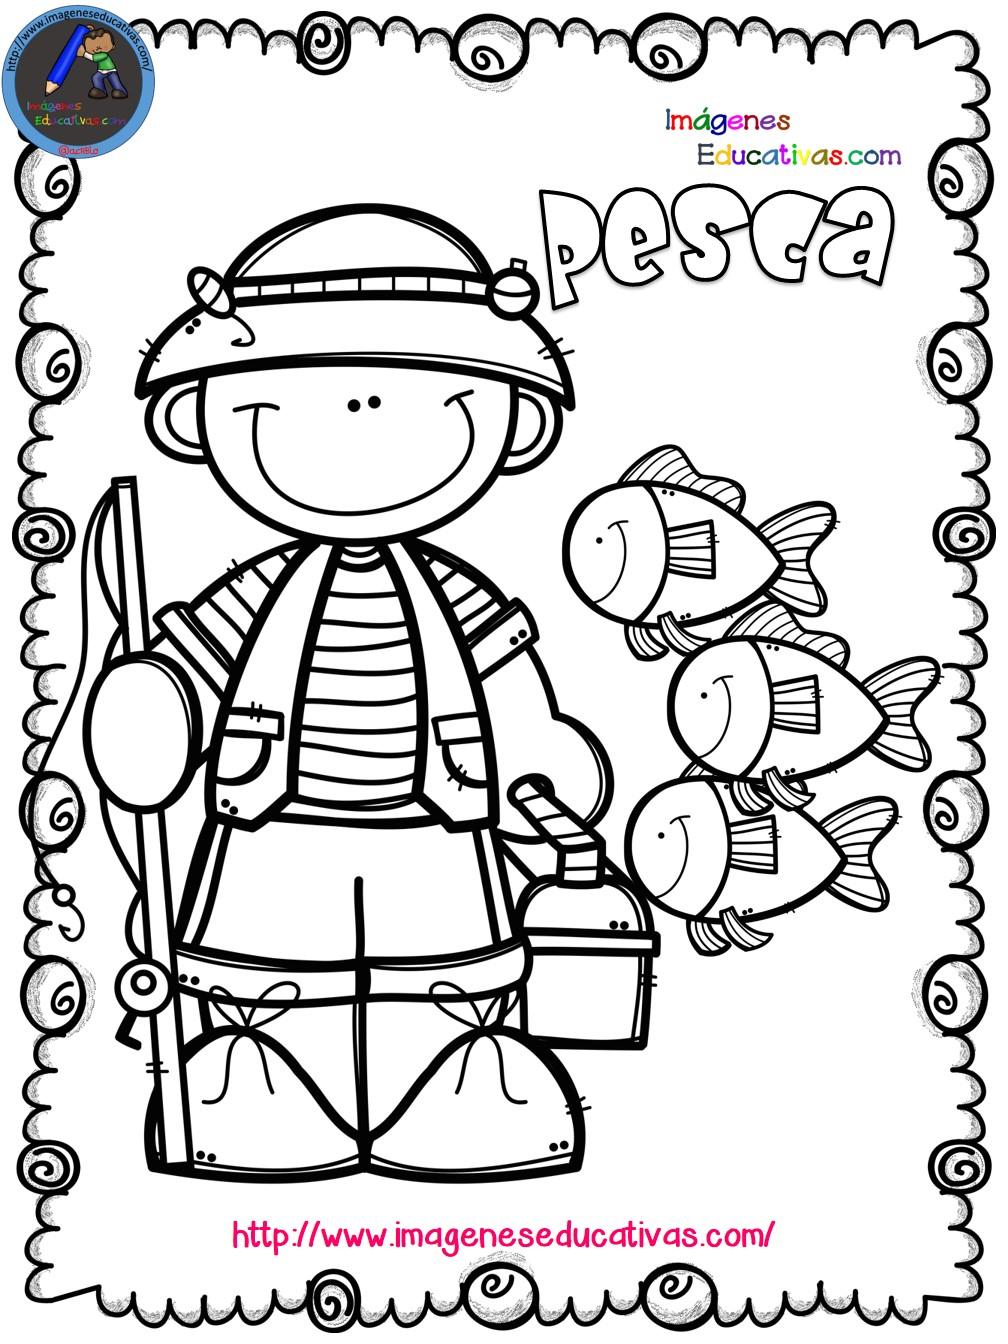 Vistoso Libro De Colorear Cubre Elaboración - Dibujos Para Colorear ...